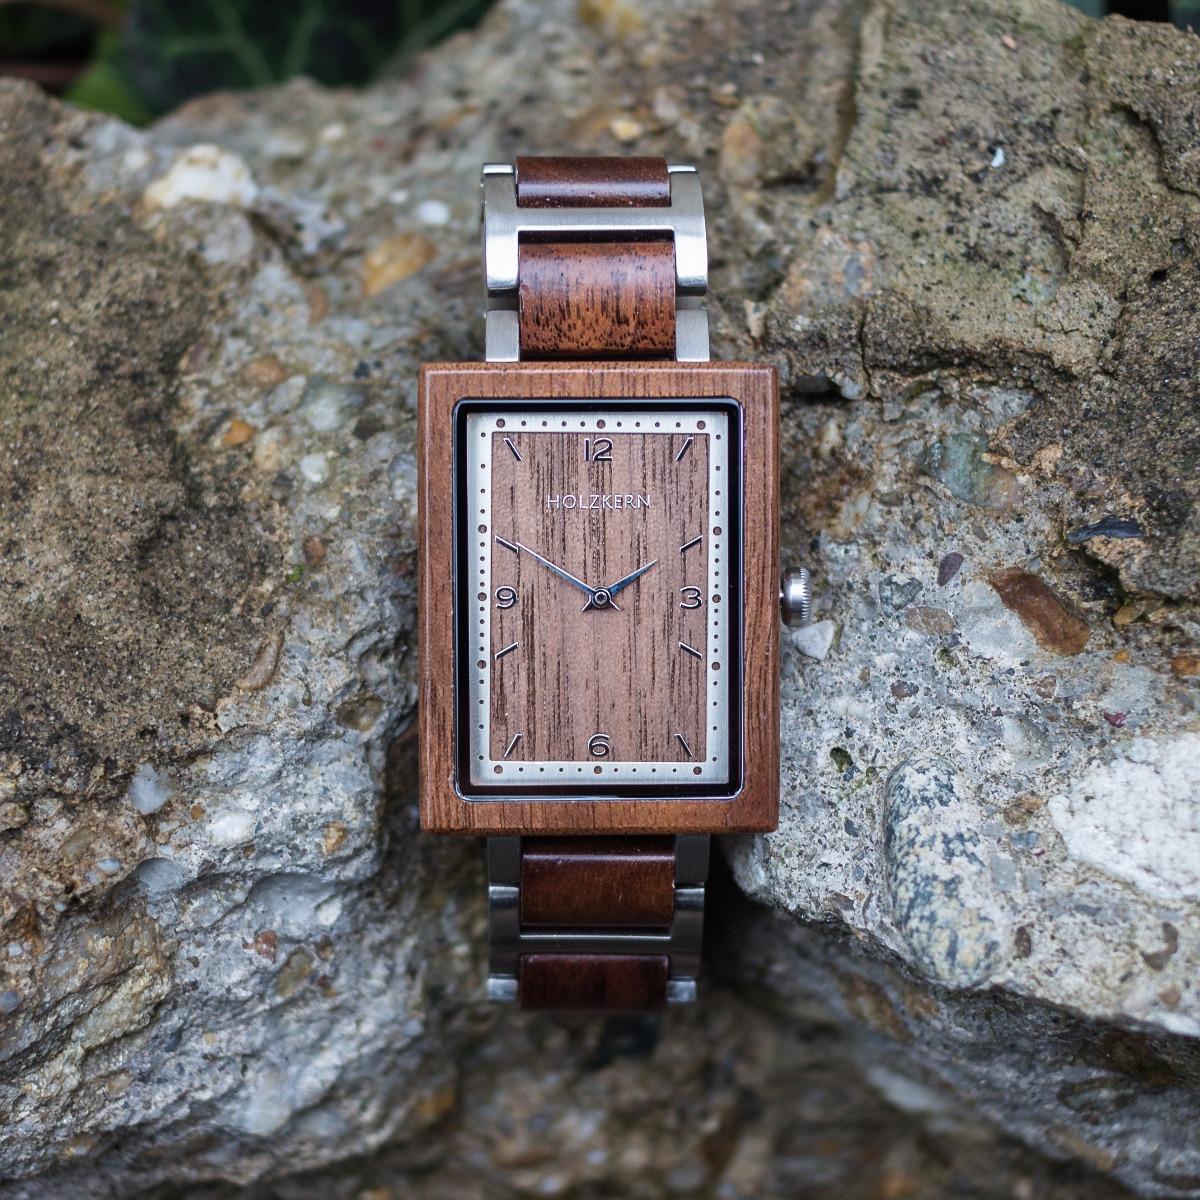 Das Modell Spagna ist eine Holzuhr aus Walnuss & Edelstahl in Silber